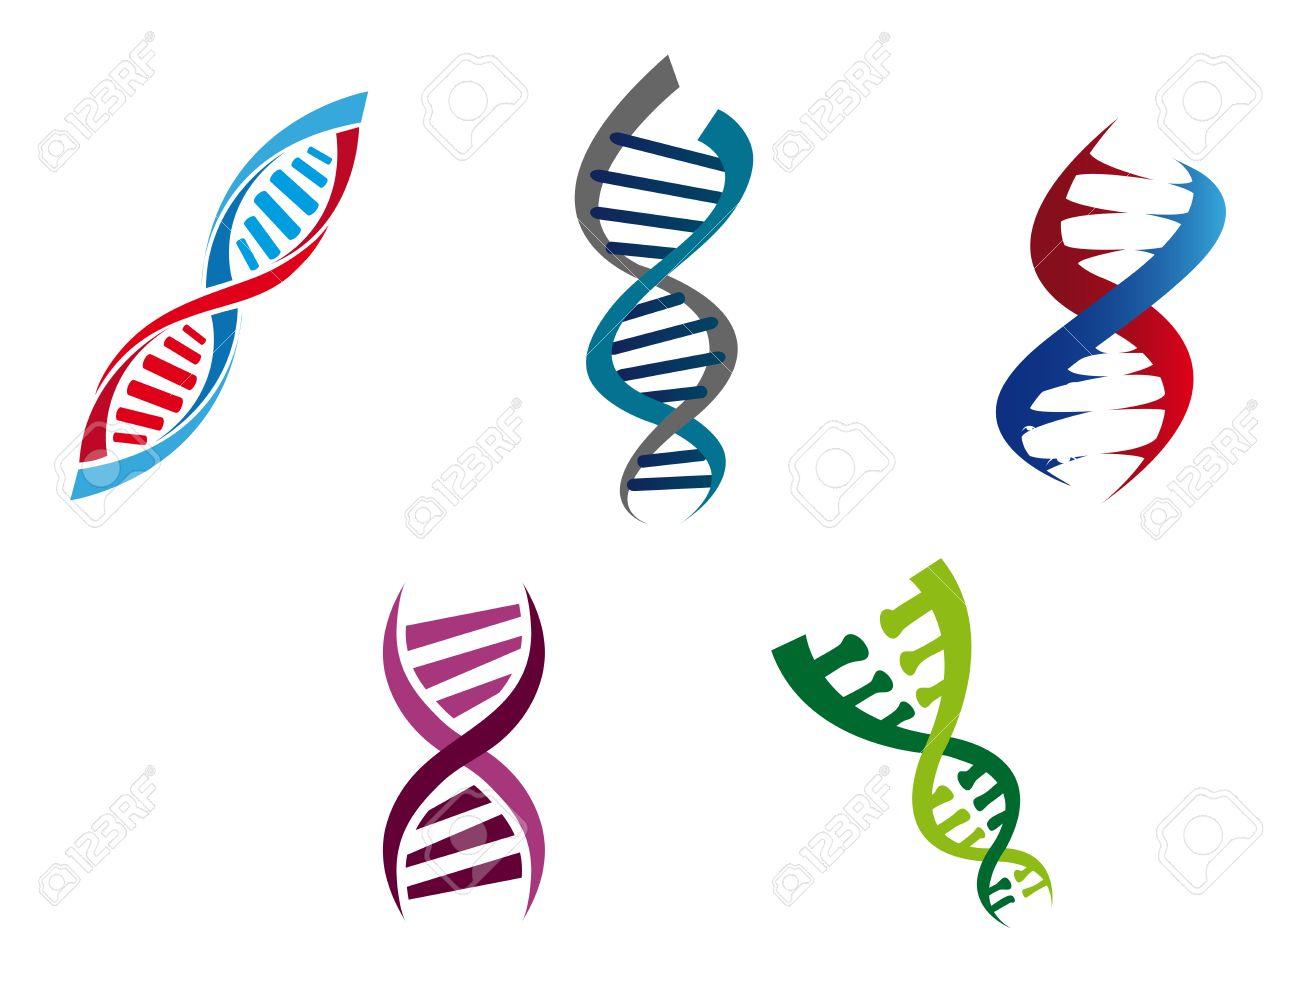 Ilustración De Dibujos Animados De Las Cadenas De Adn De Colores Con Su Estructura Helicoidal En Espiral De Nucleótidos Genéticos Cinco Variantes